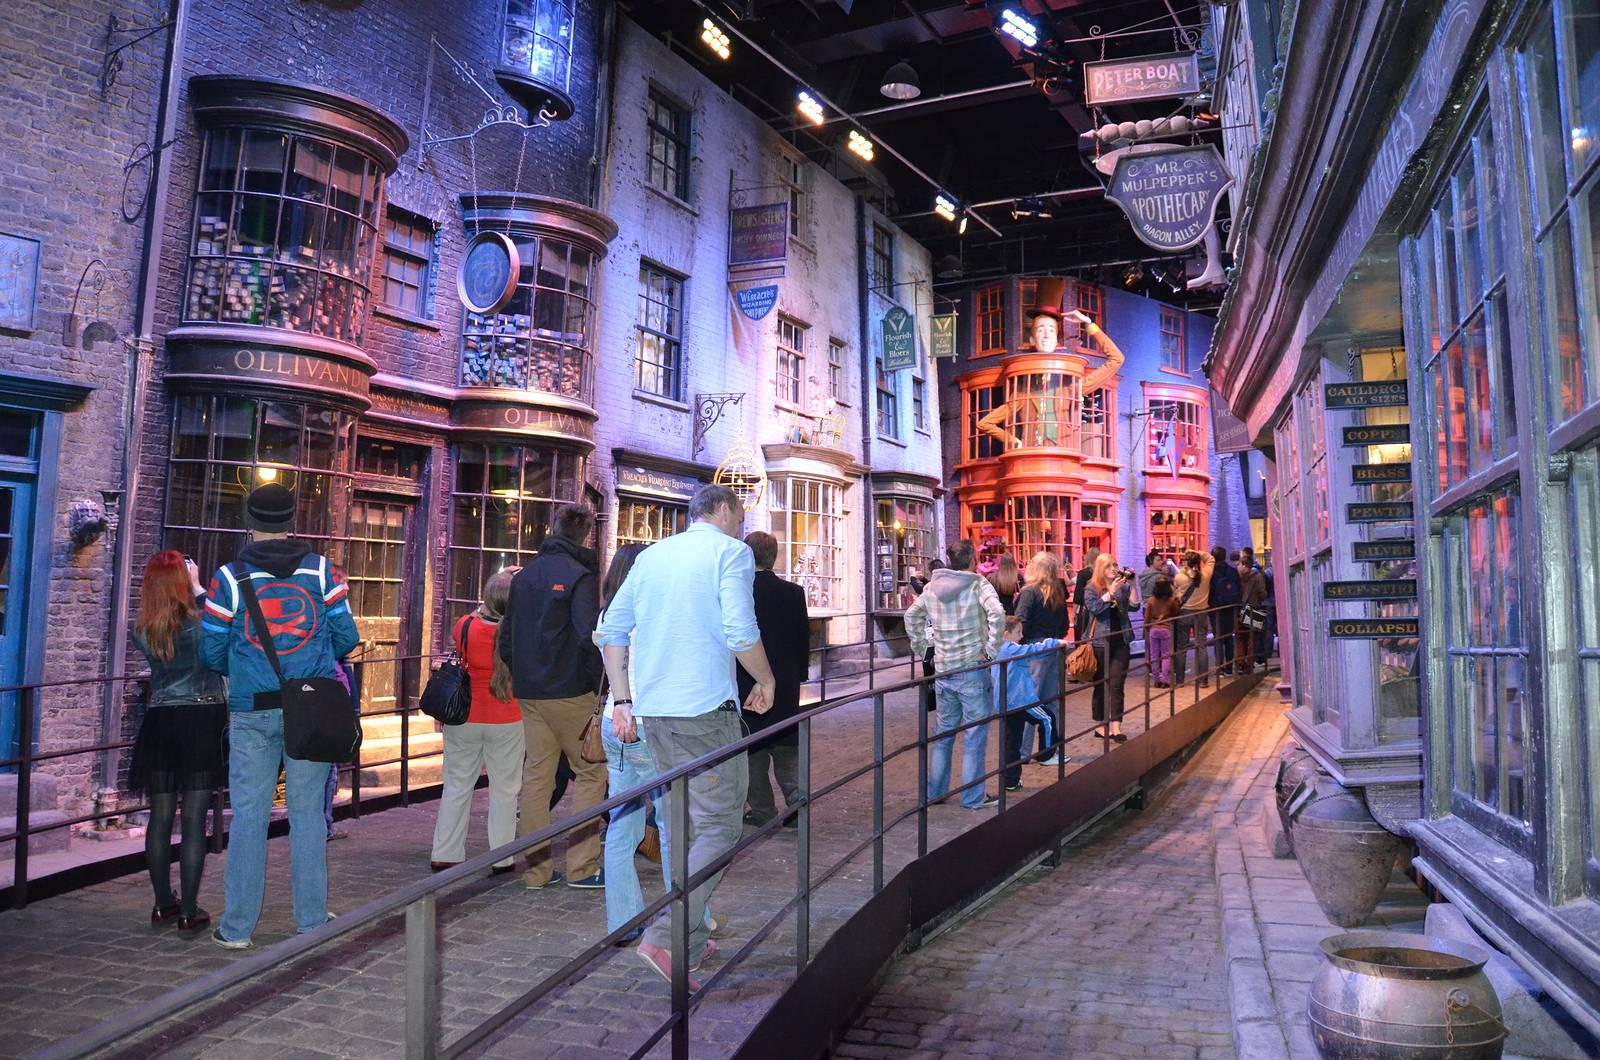 Bild der Kulisse der Harry Potter Winkelgasse